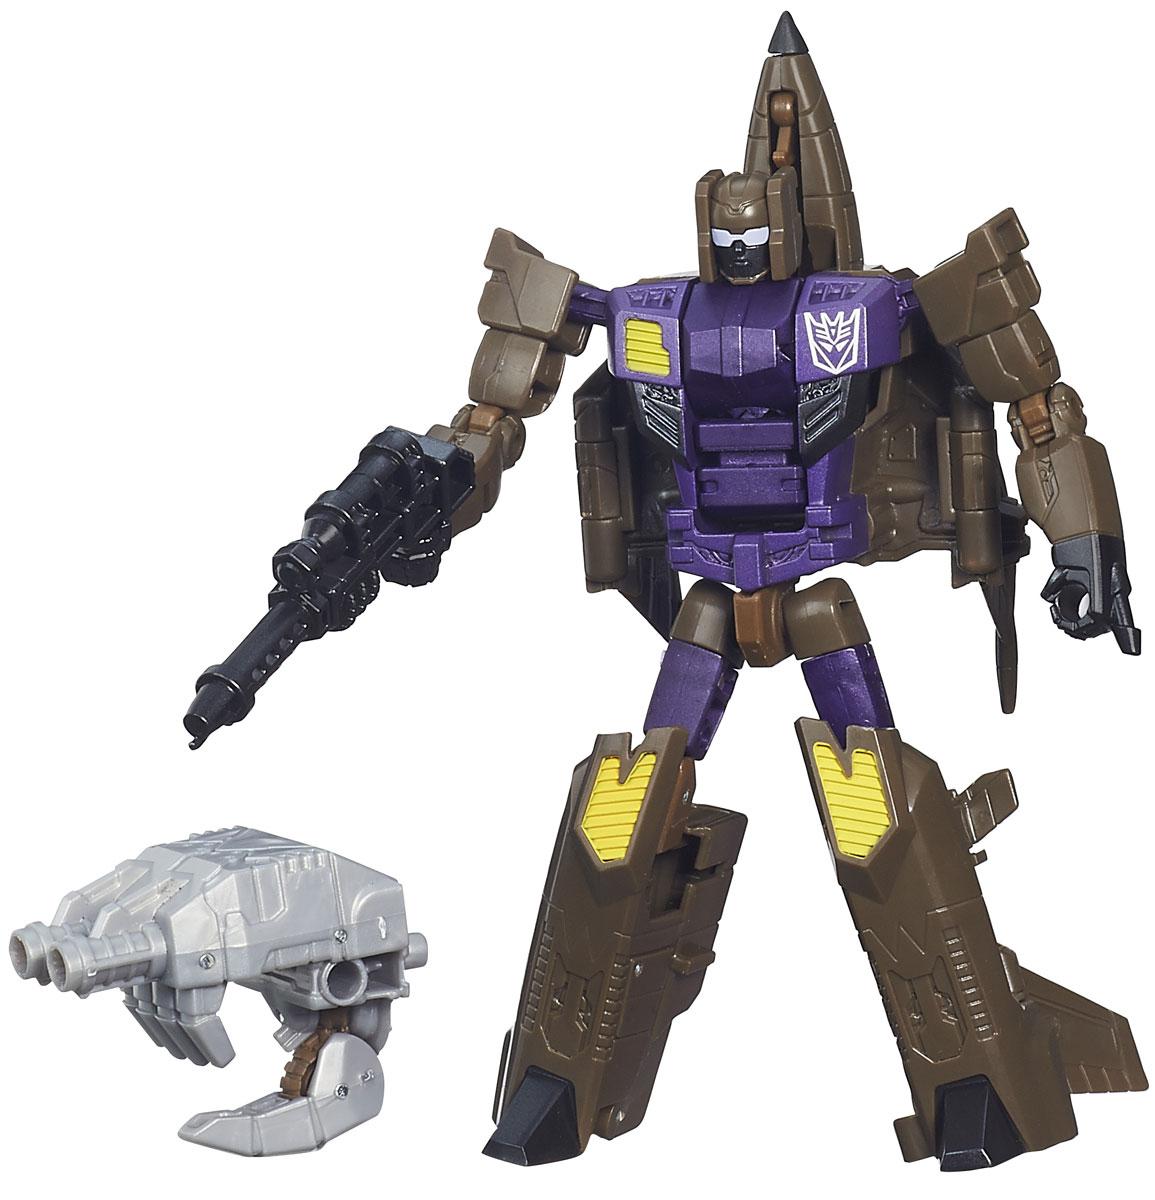 Transformers Трансформер Blast OffB0974_B4662Трансформер Transformers Blast Off обязательно понравится любому маленькому поклоннику знаменитых Трансформеров! Игрушка выполнена из прочного пластика в виде трансформера Blast Off. Руки и ноги робота подвижны. В несколько простых шагов малыш сможет трансформировать фигурку робота в боевой самолет. Ребенок с удовольствием будет играть с игрушкой, придумывая разные истории. Порадуйте его таким замечательным подарком!